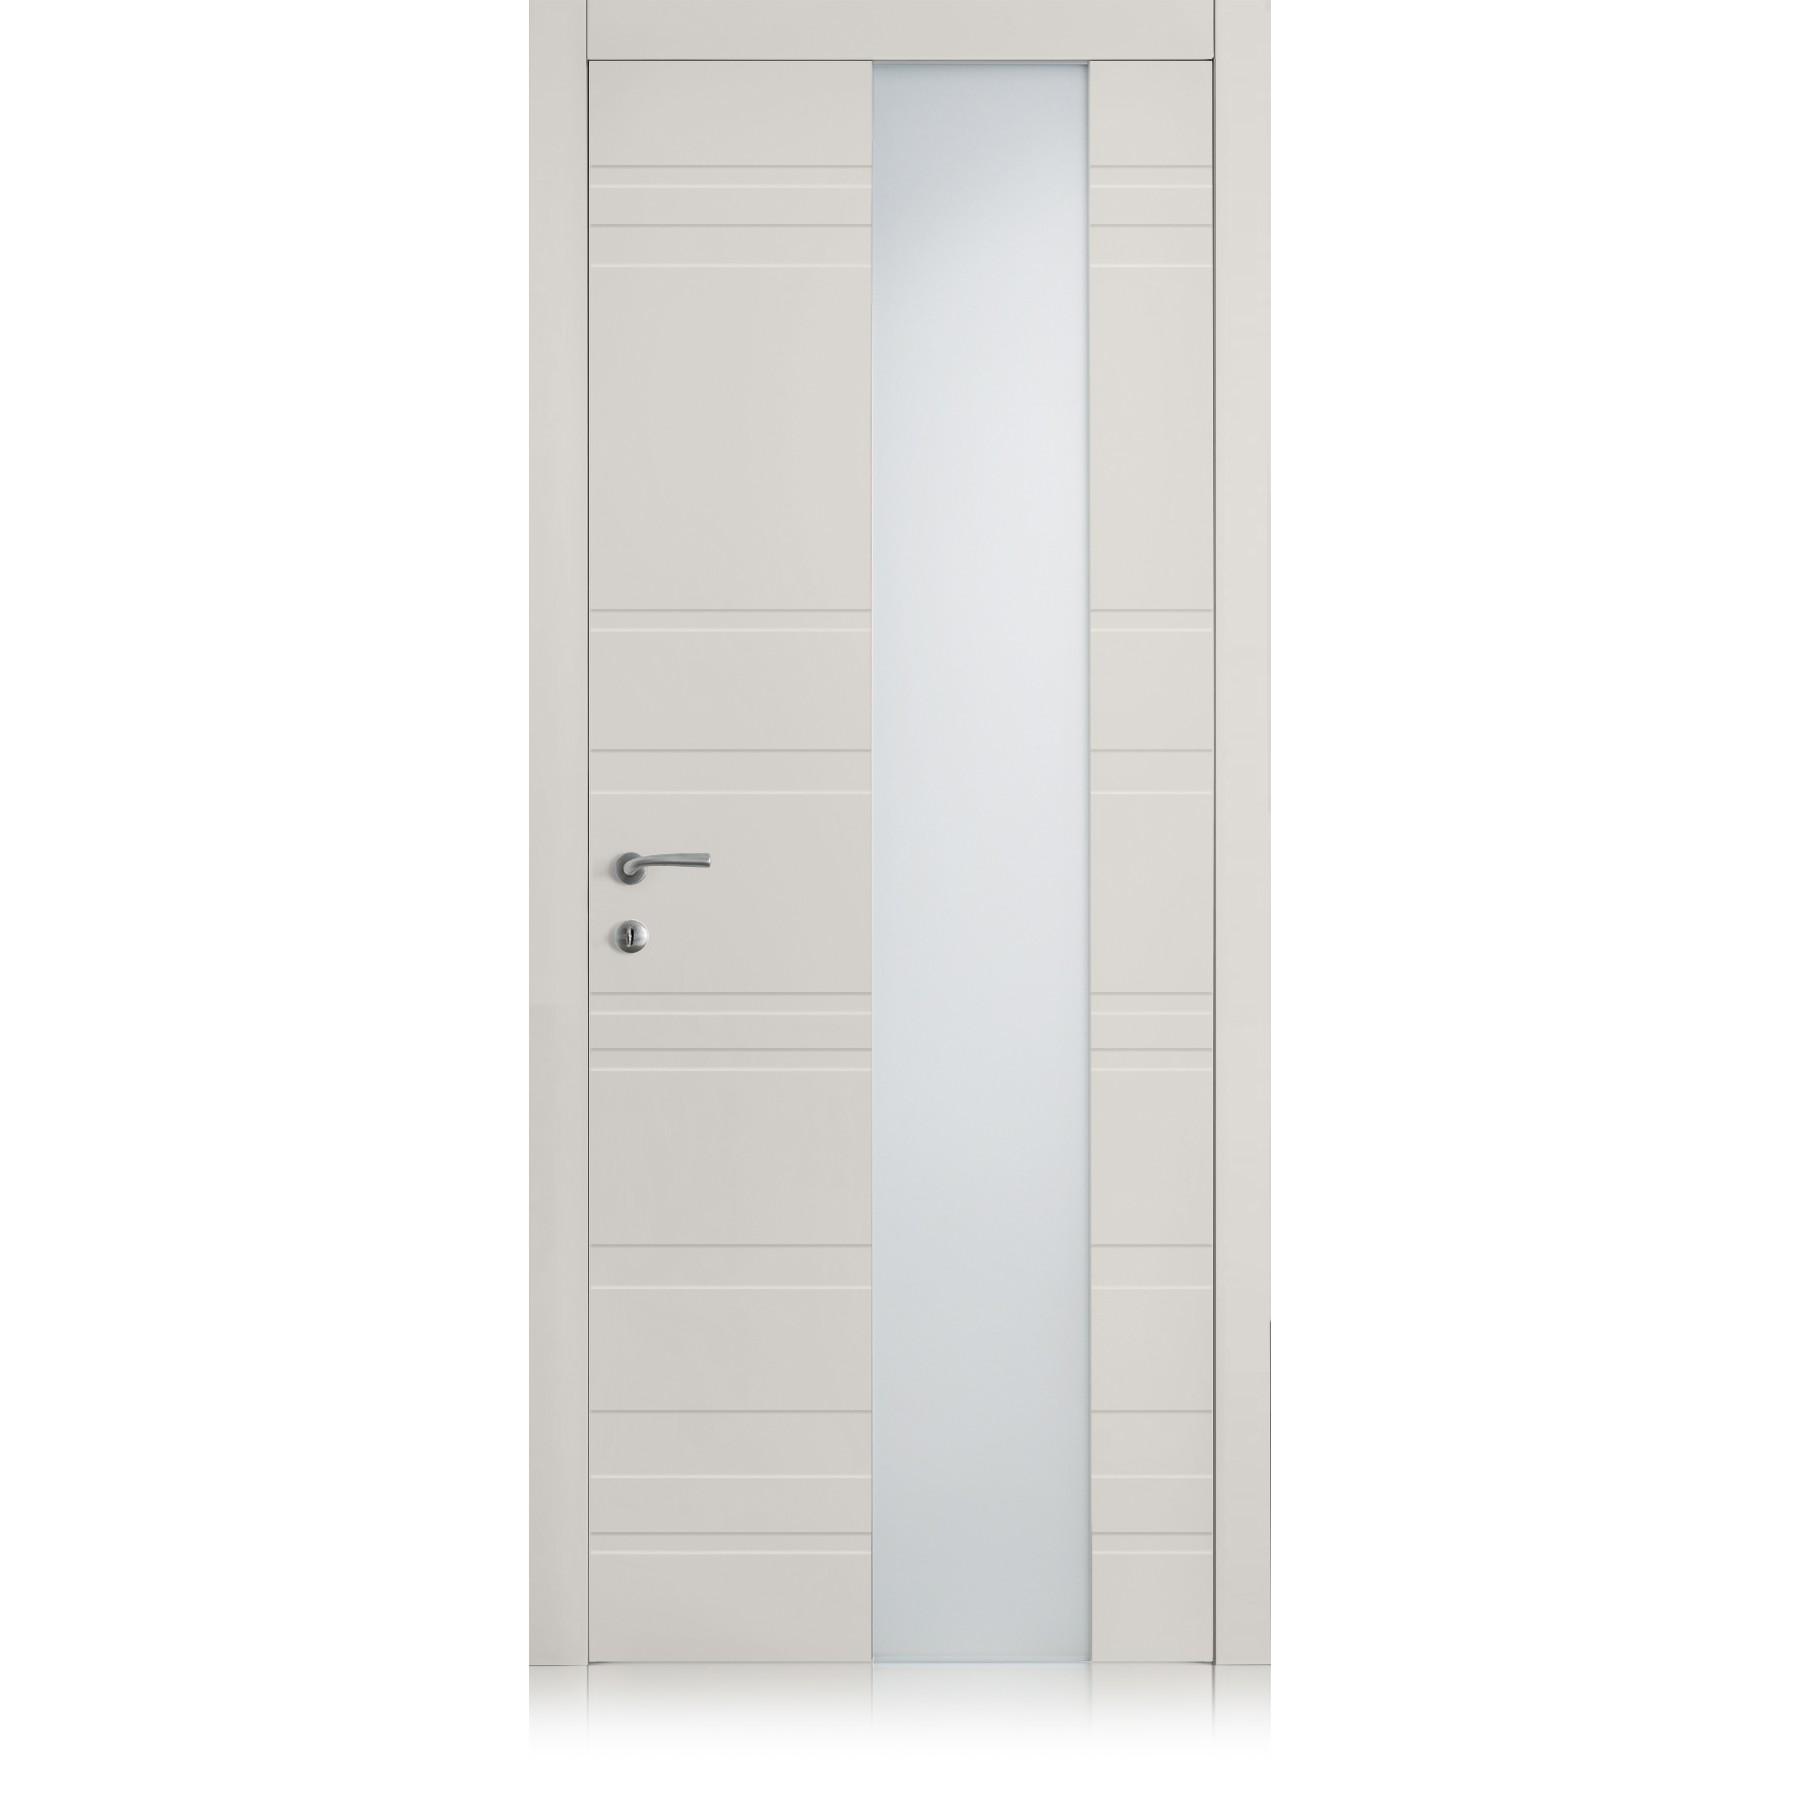 Yncisa Styla Vetro Grigio Lux Laccato ULTRAopaco door